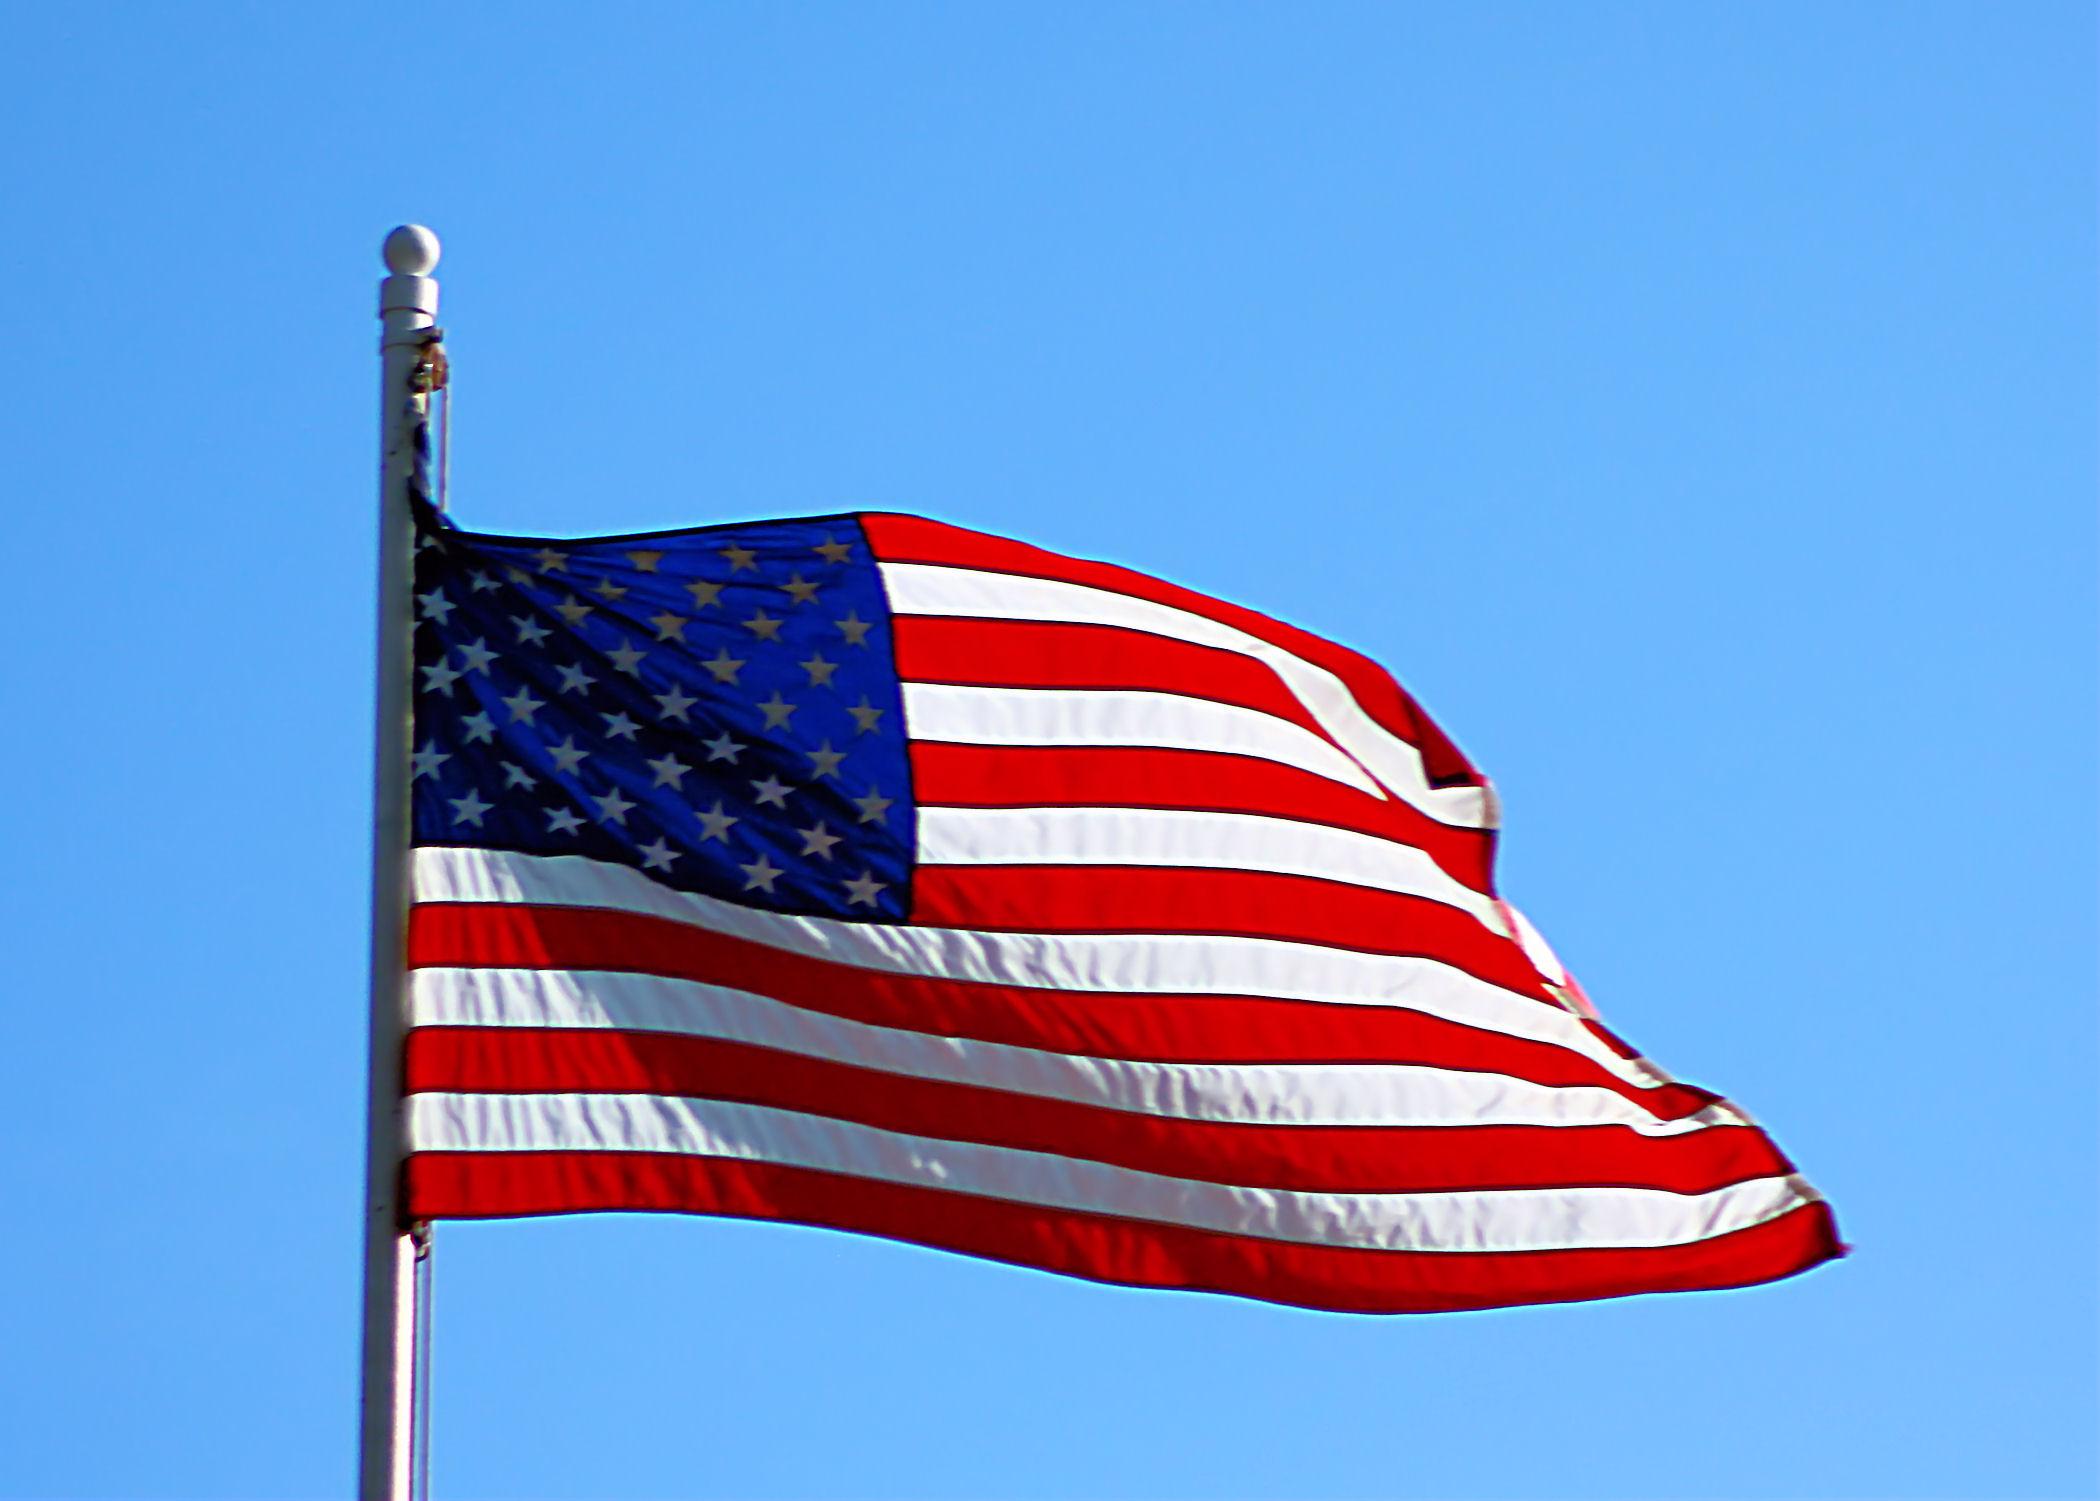 High Resolution American Flag Wallpaper Wallpapersafari